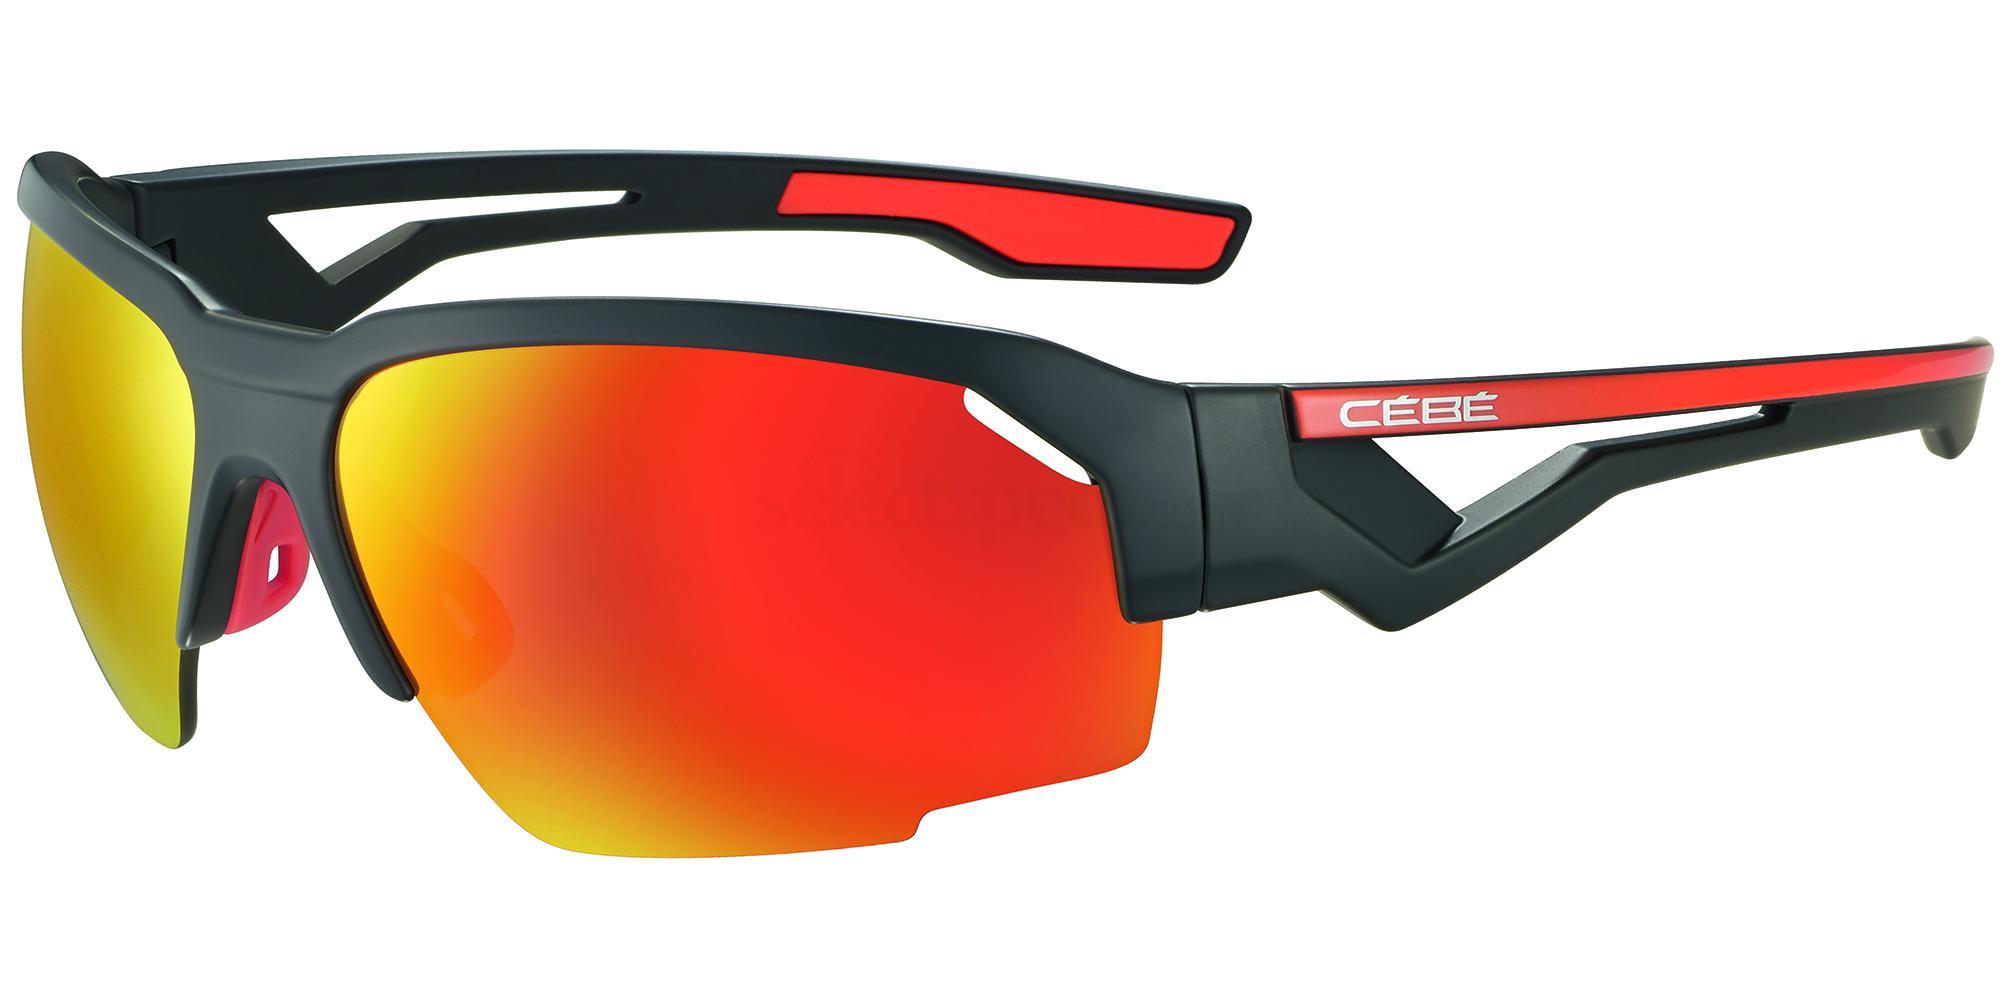 CBS012 HILLDROP Sunglasses, Cebe